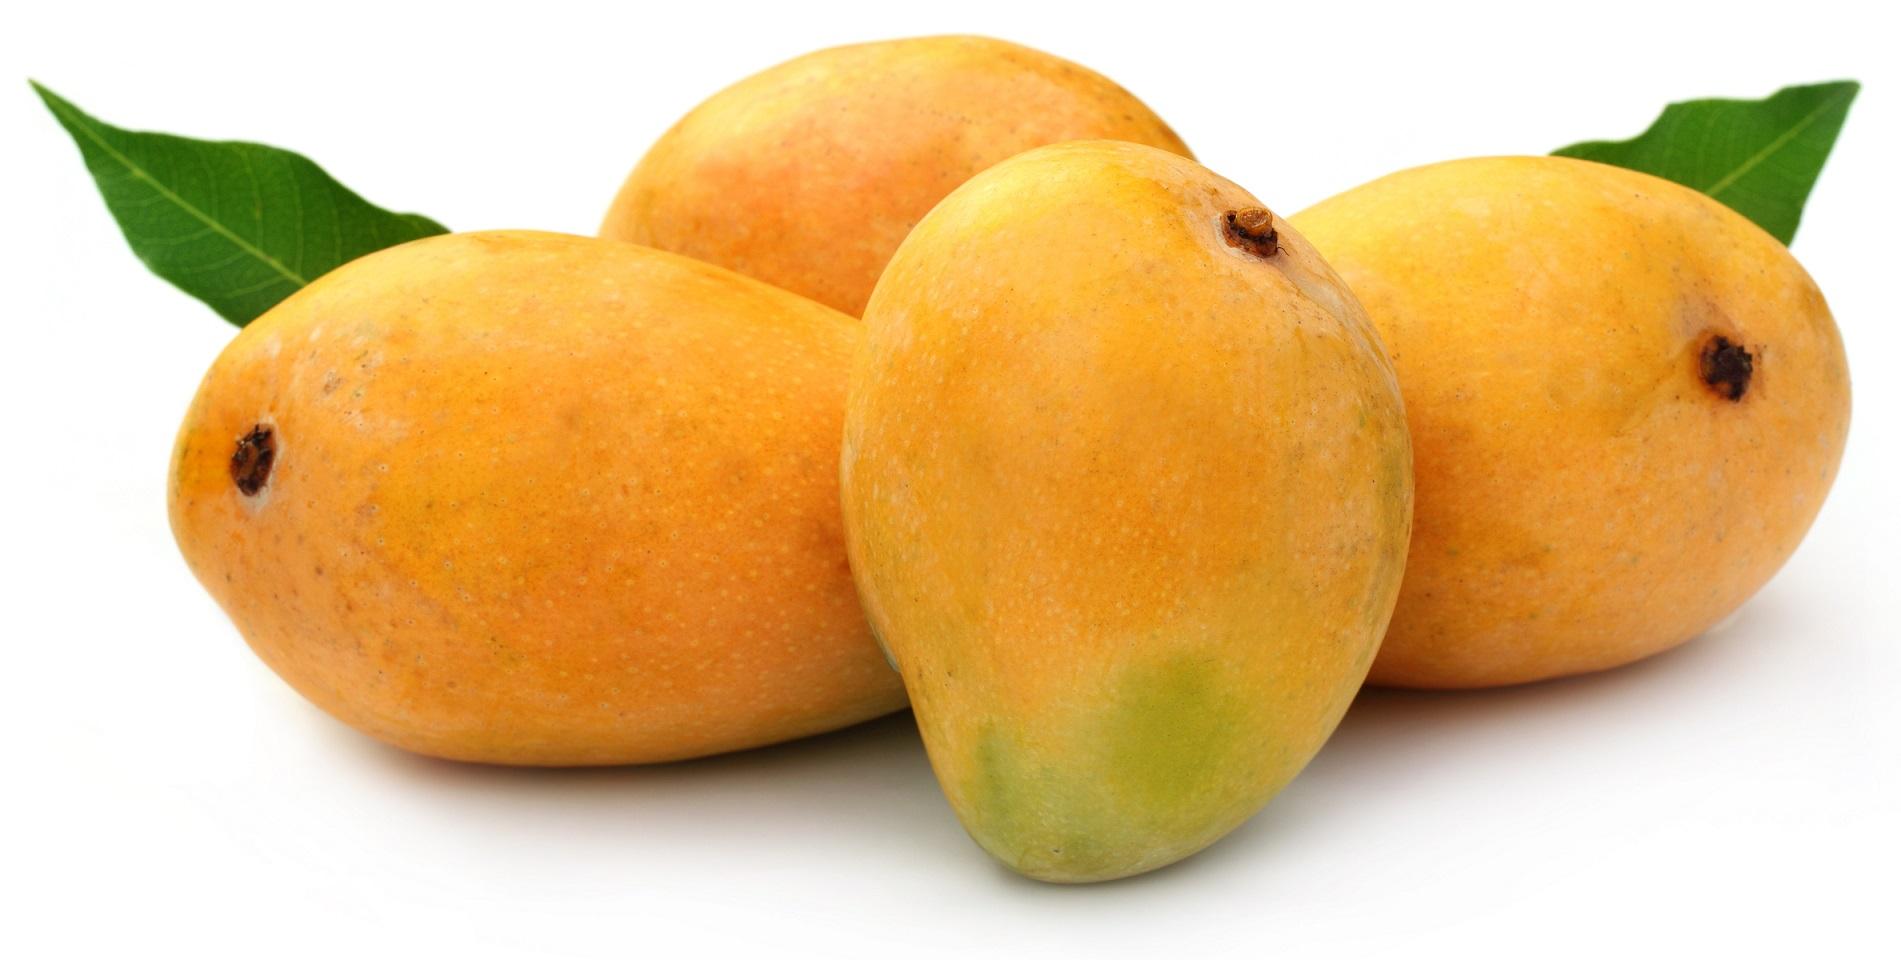 Mango #6